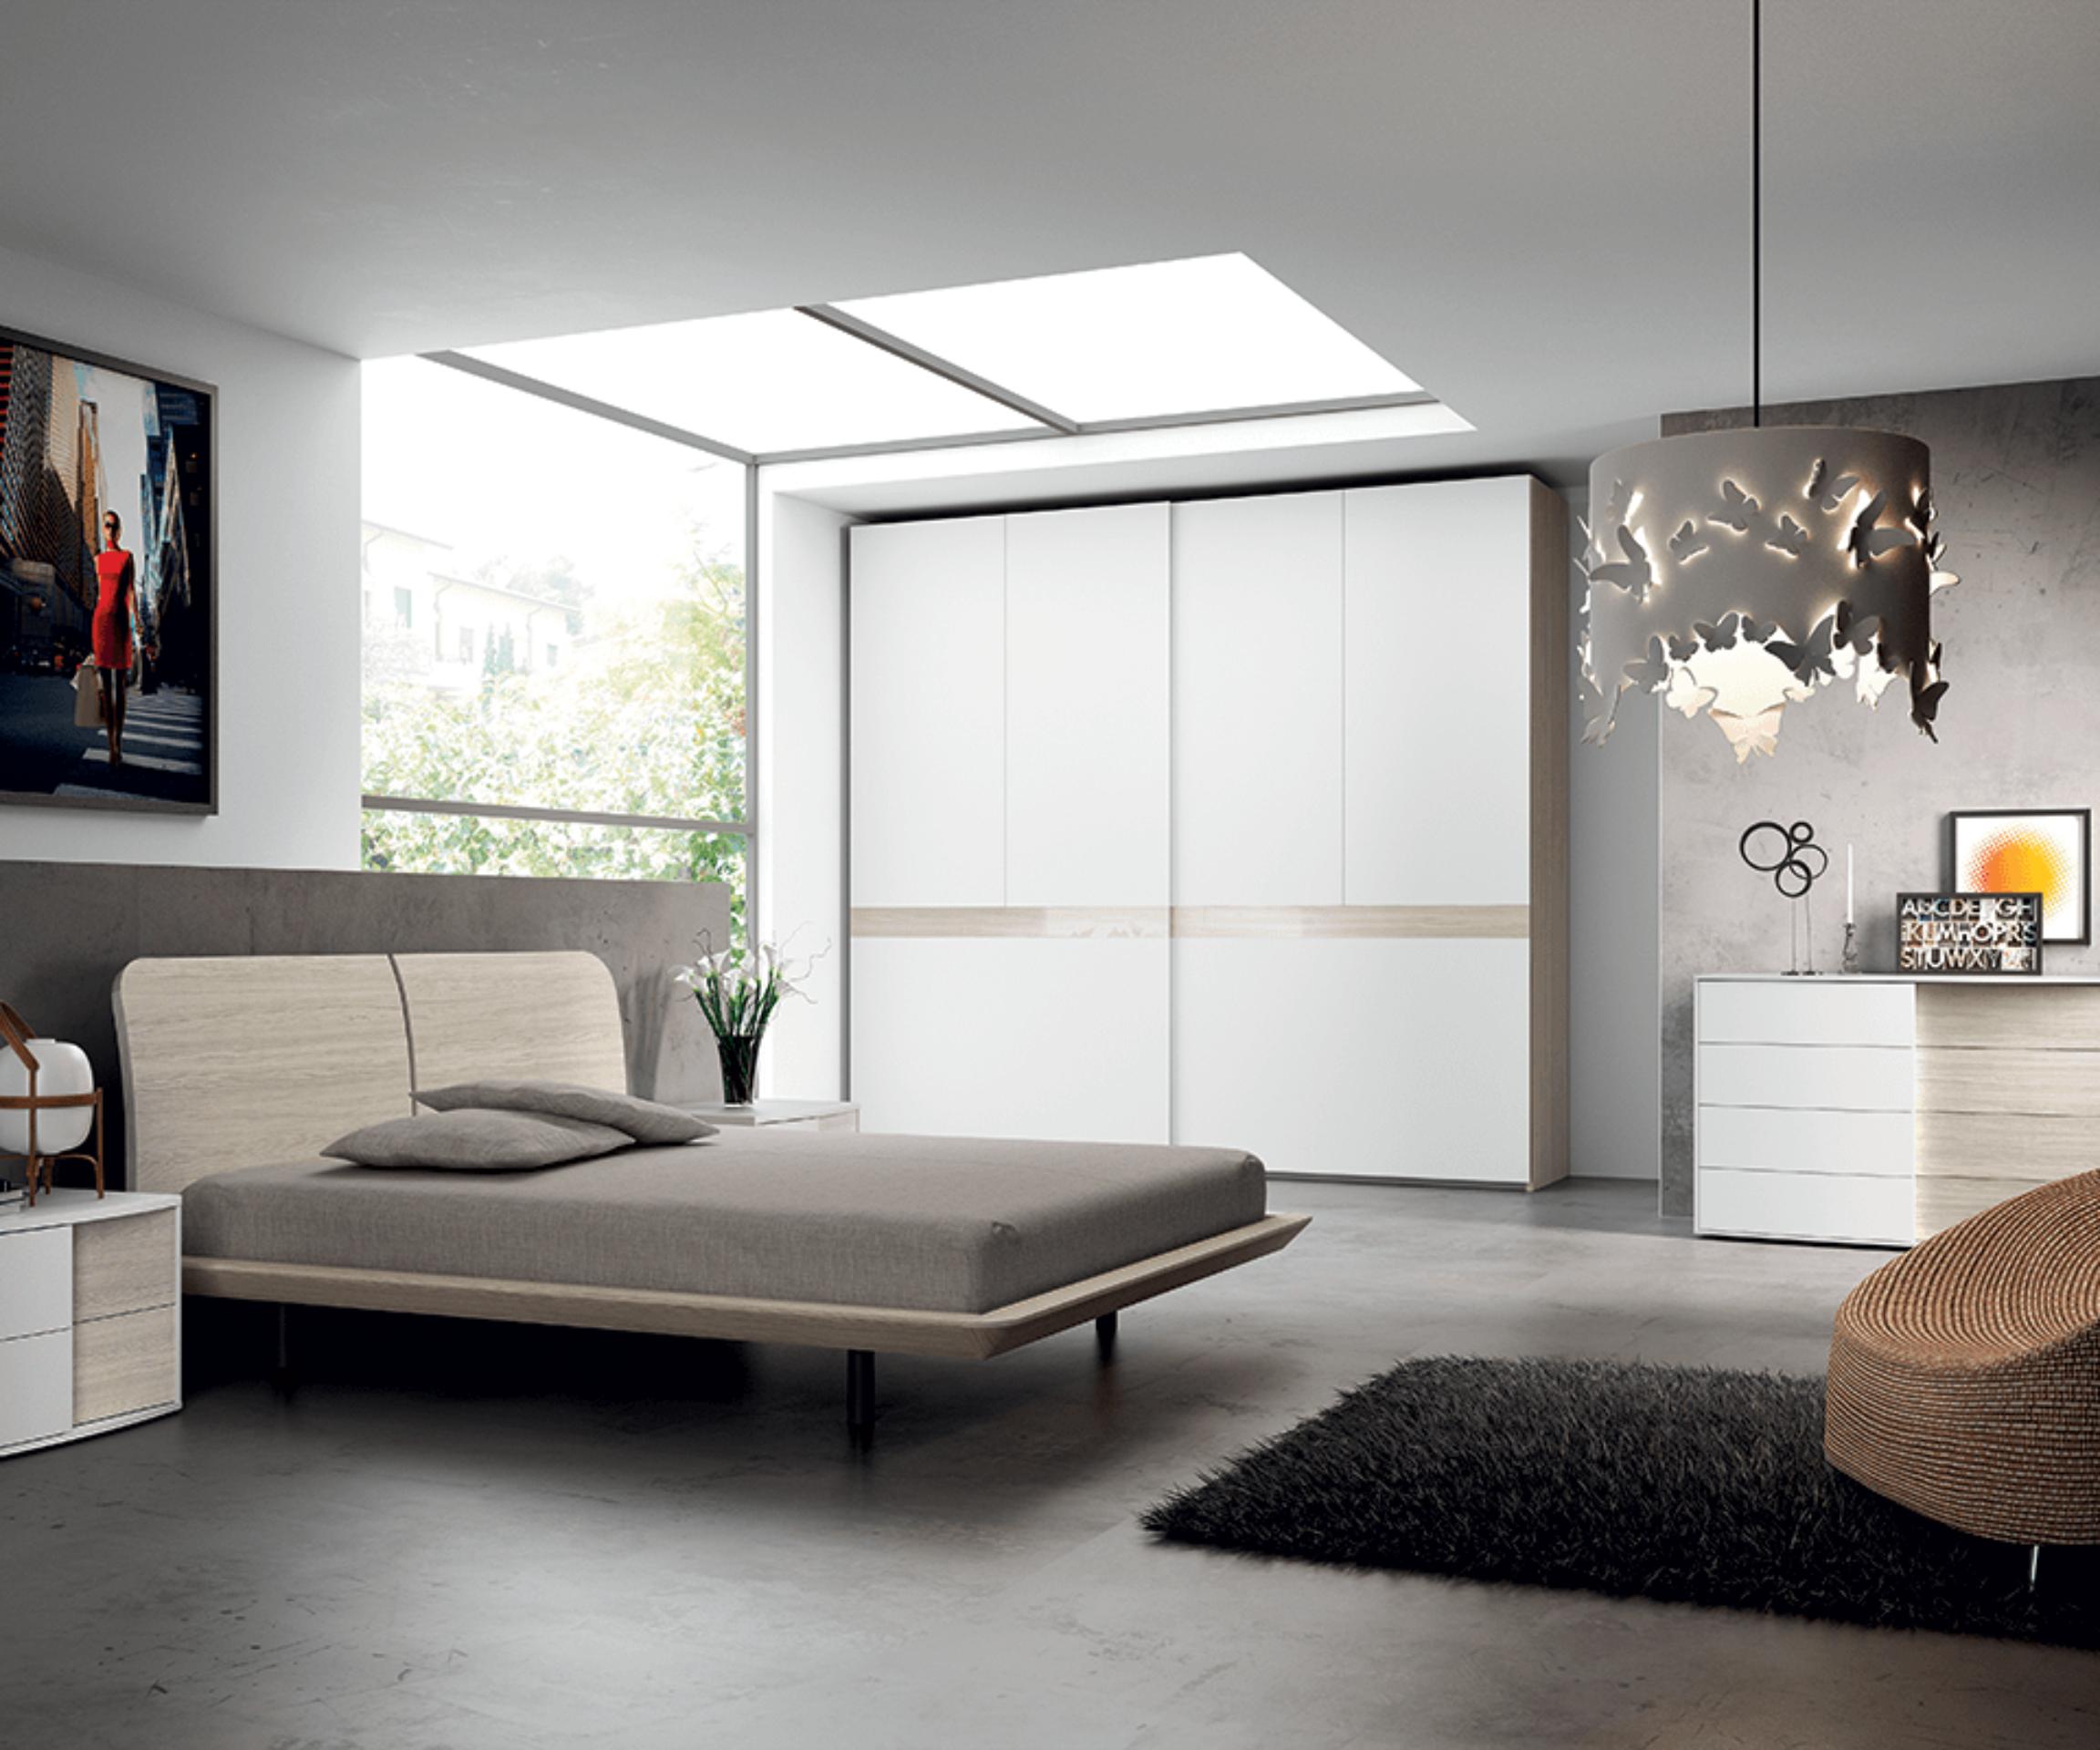 Camere Da Letto Ultramoderne camere da letto | arredamenti neziosi